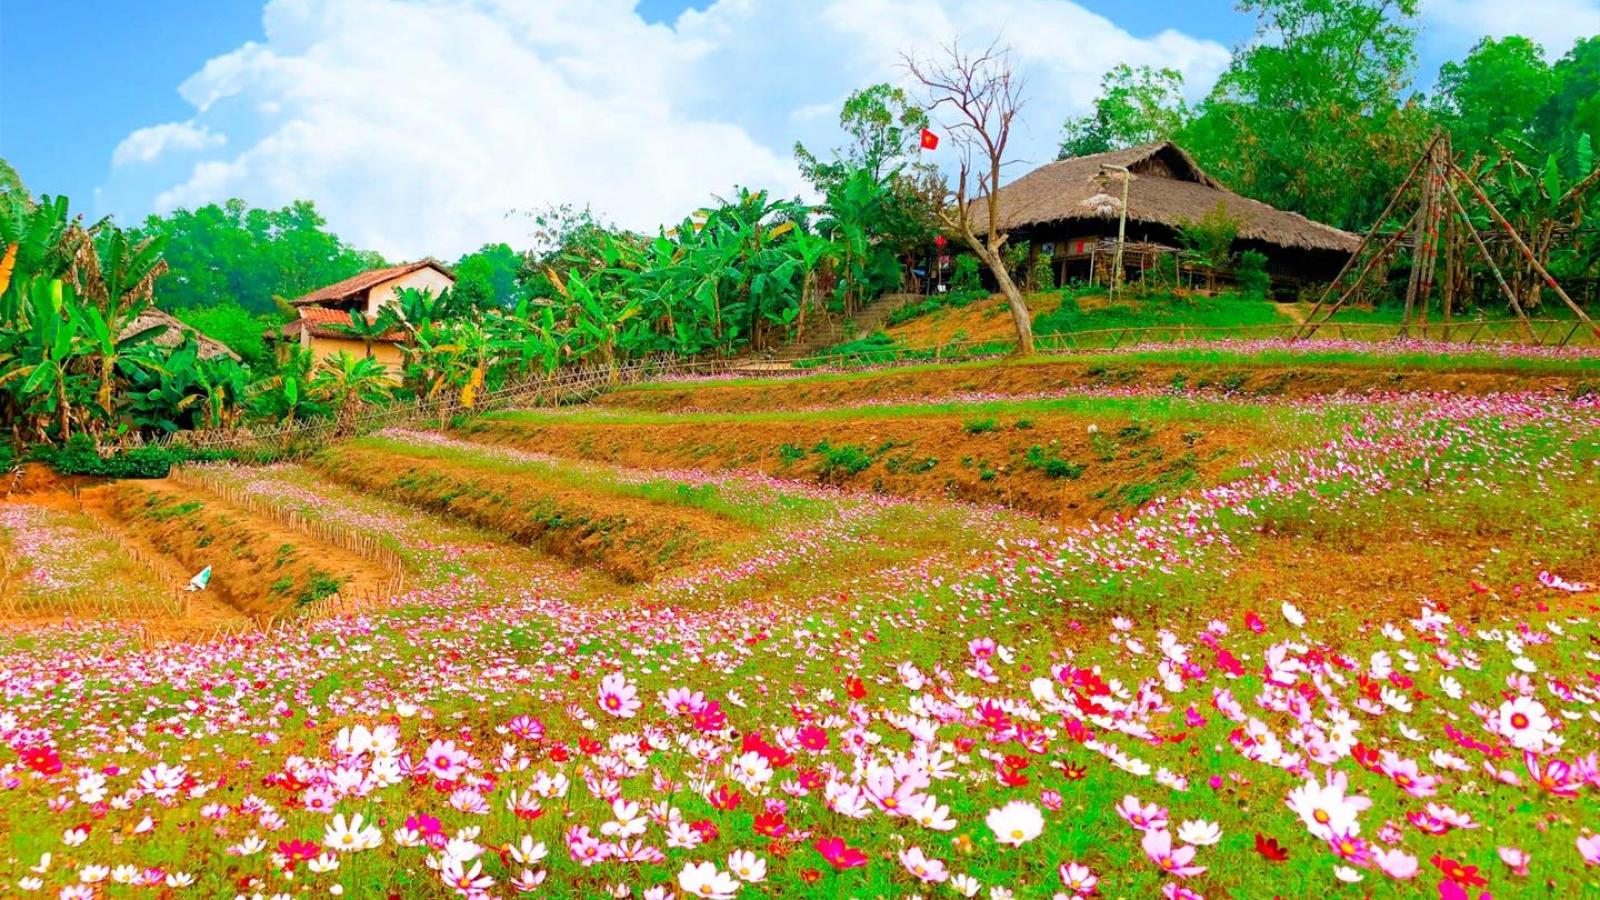 Đặc sắc các hoạt động đón xuân tại Làng Văn hóa - Du lịch các dân tộc Việt Nam